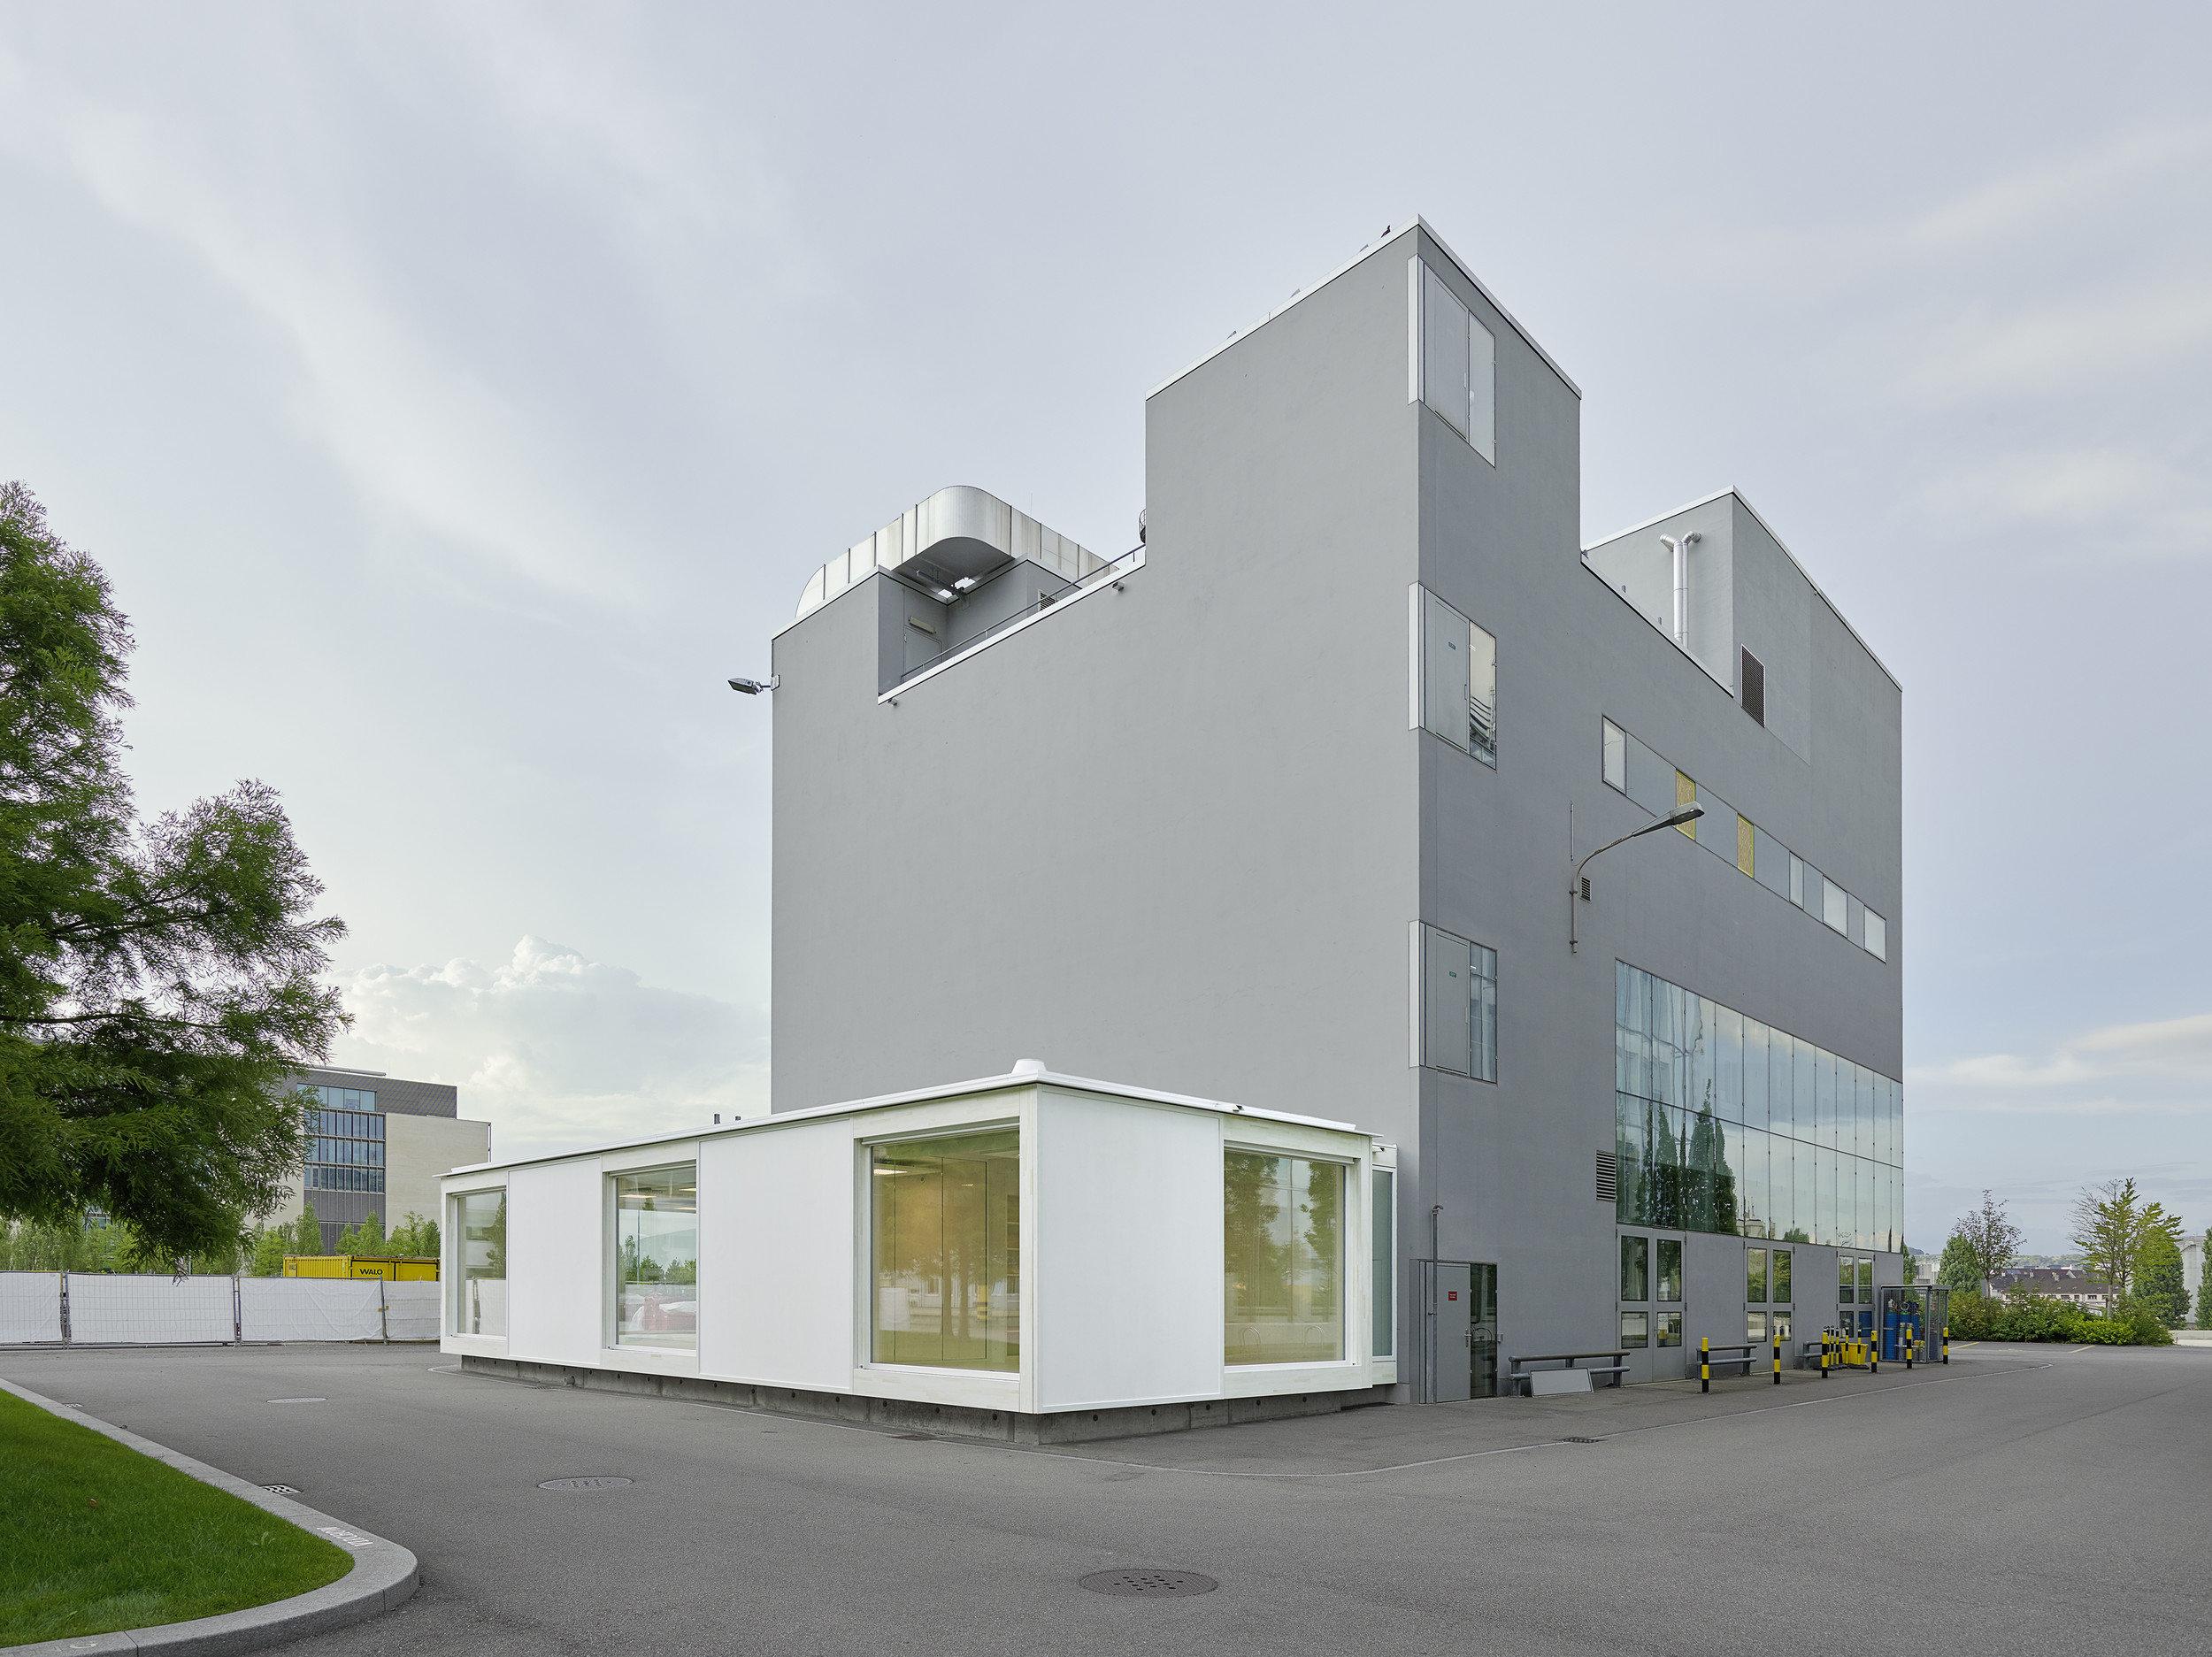 1-geschossiger Büro-Modulbau als Raumerweiterung an bestehendes mehrgeschossiges Industriegebäude